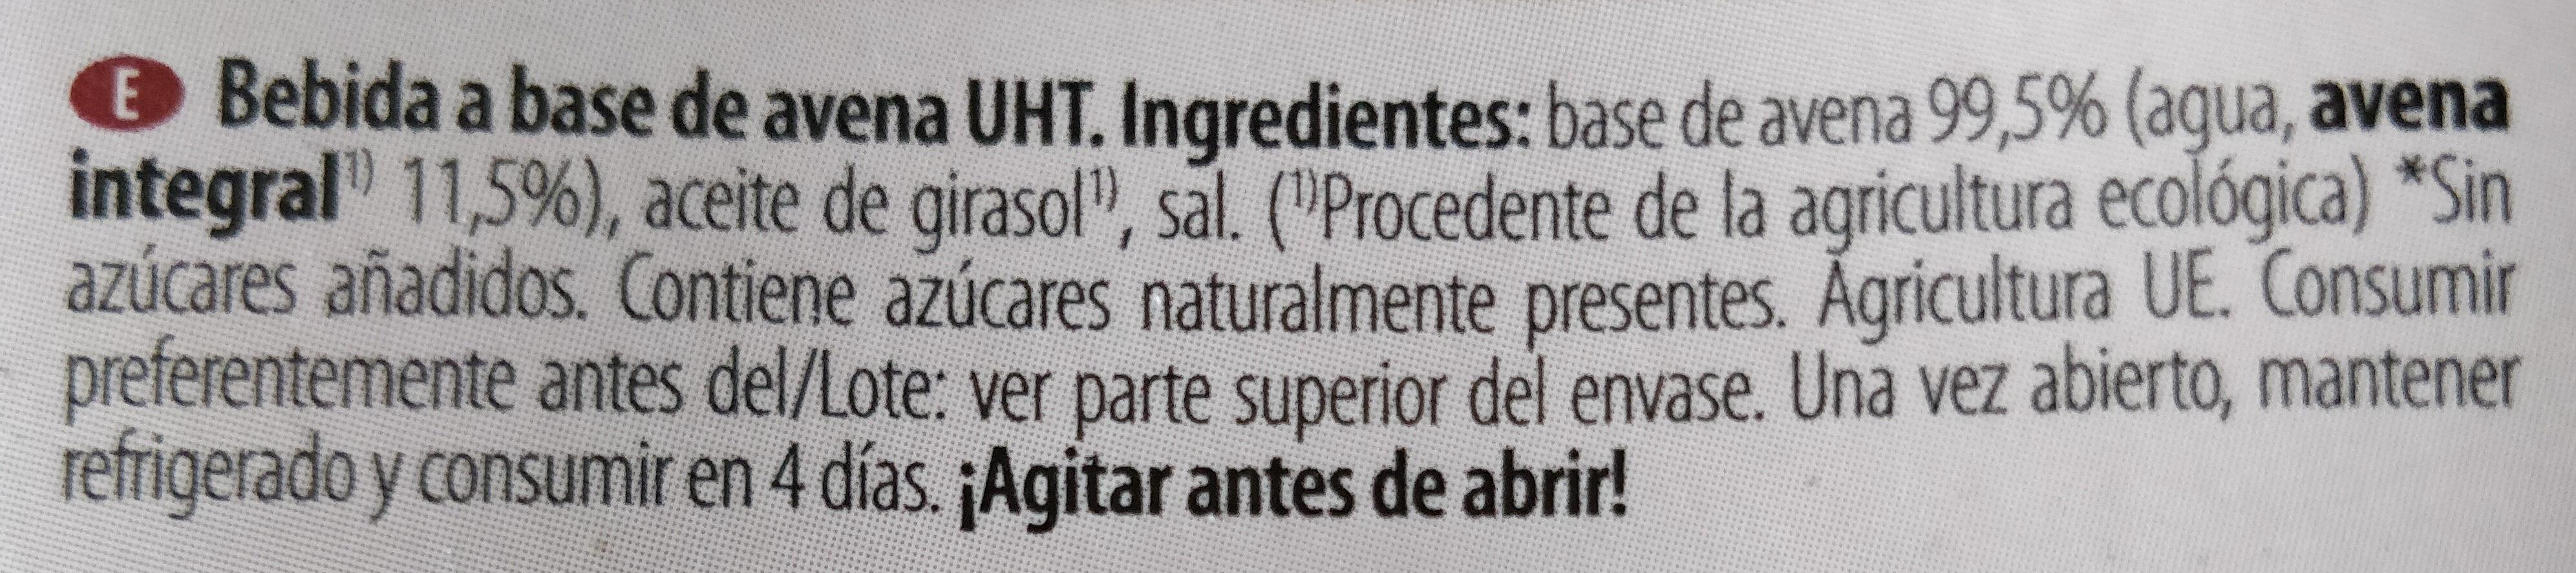 Bebida de avena - Ingrédients - es